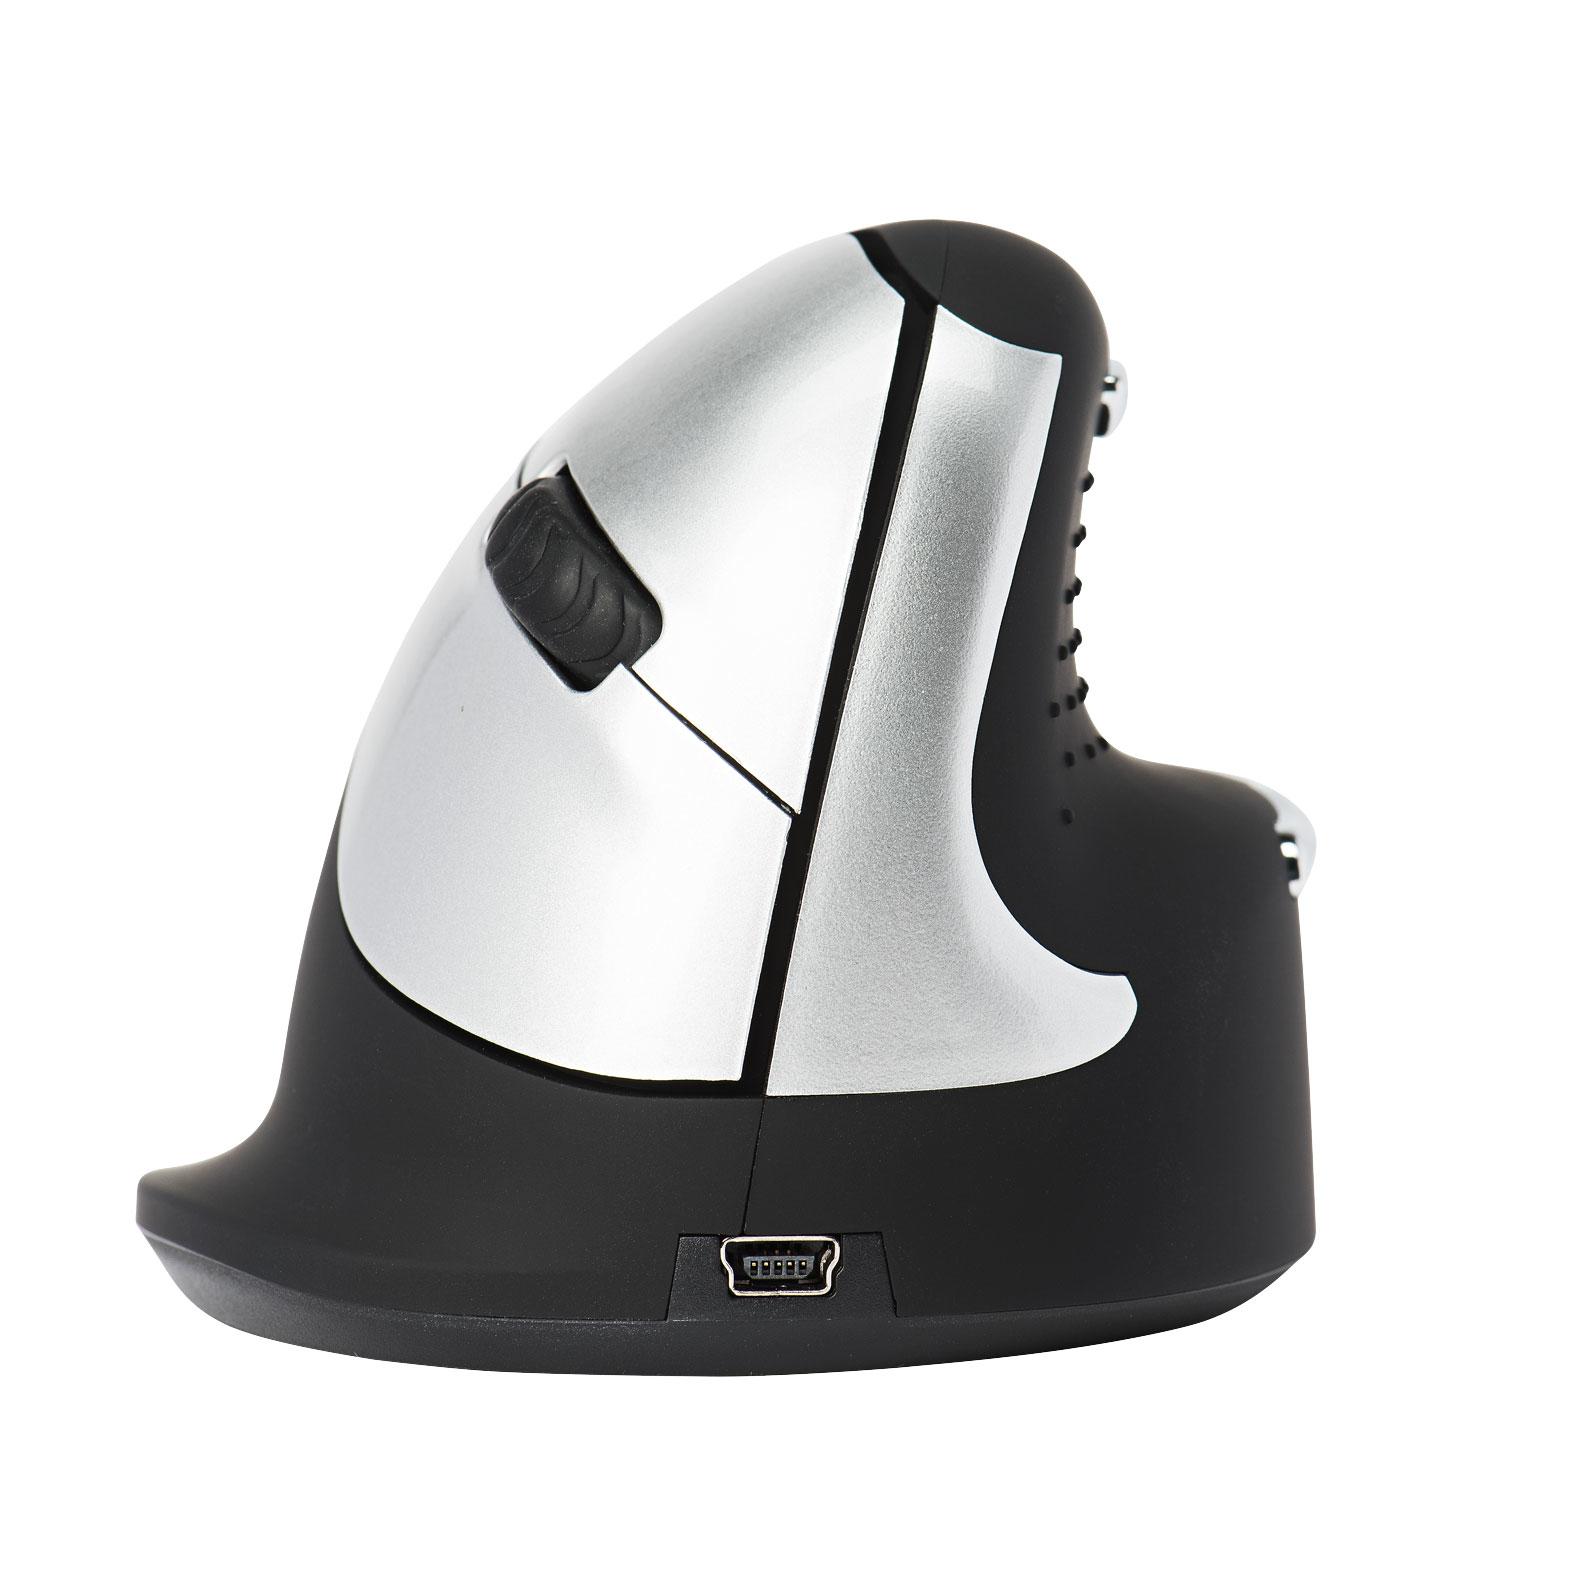 R-Go HE Mouse, Ergonomische muis, Medium (165-195mm), Rechtshandig, Draadloos